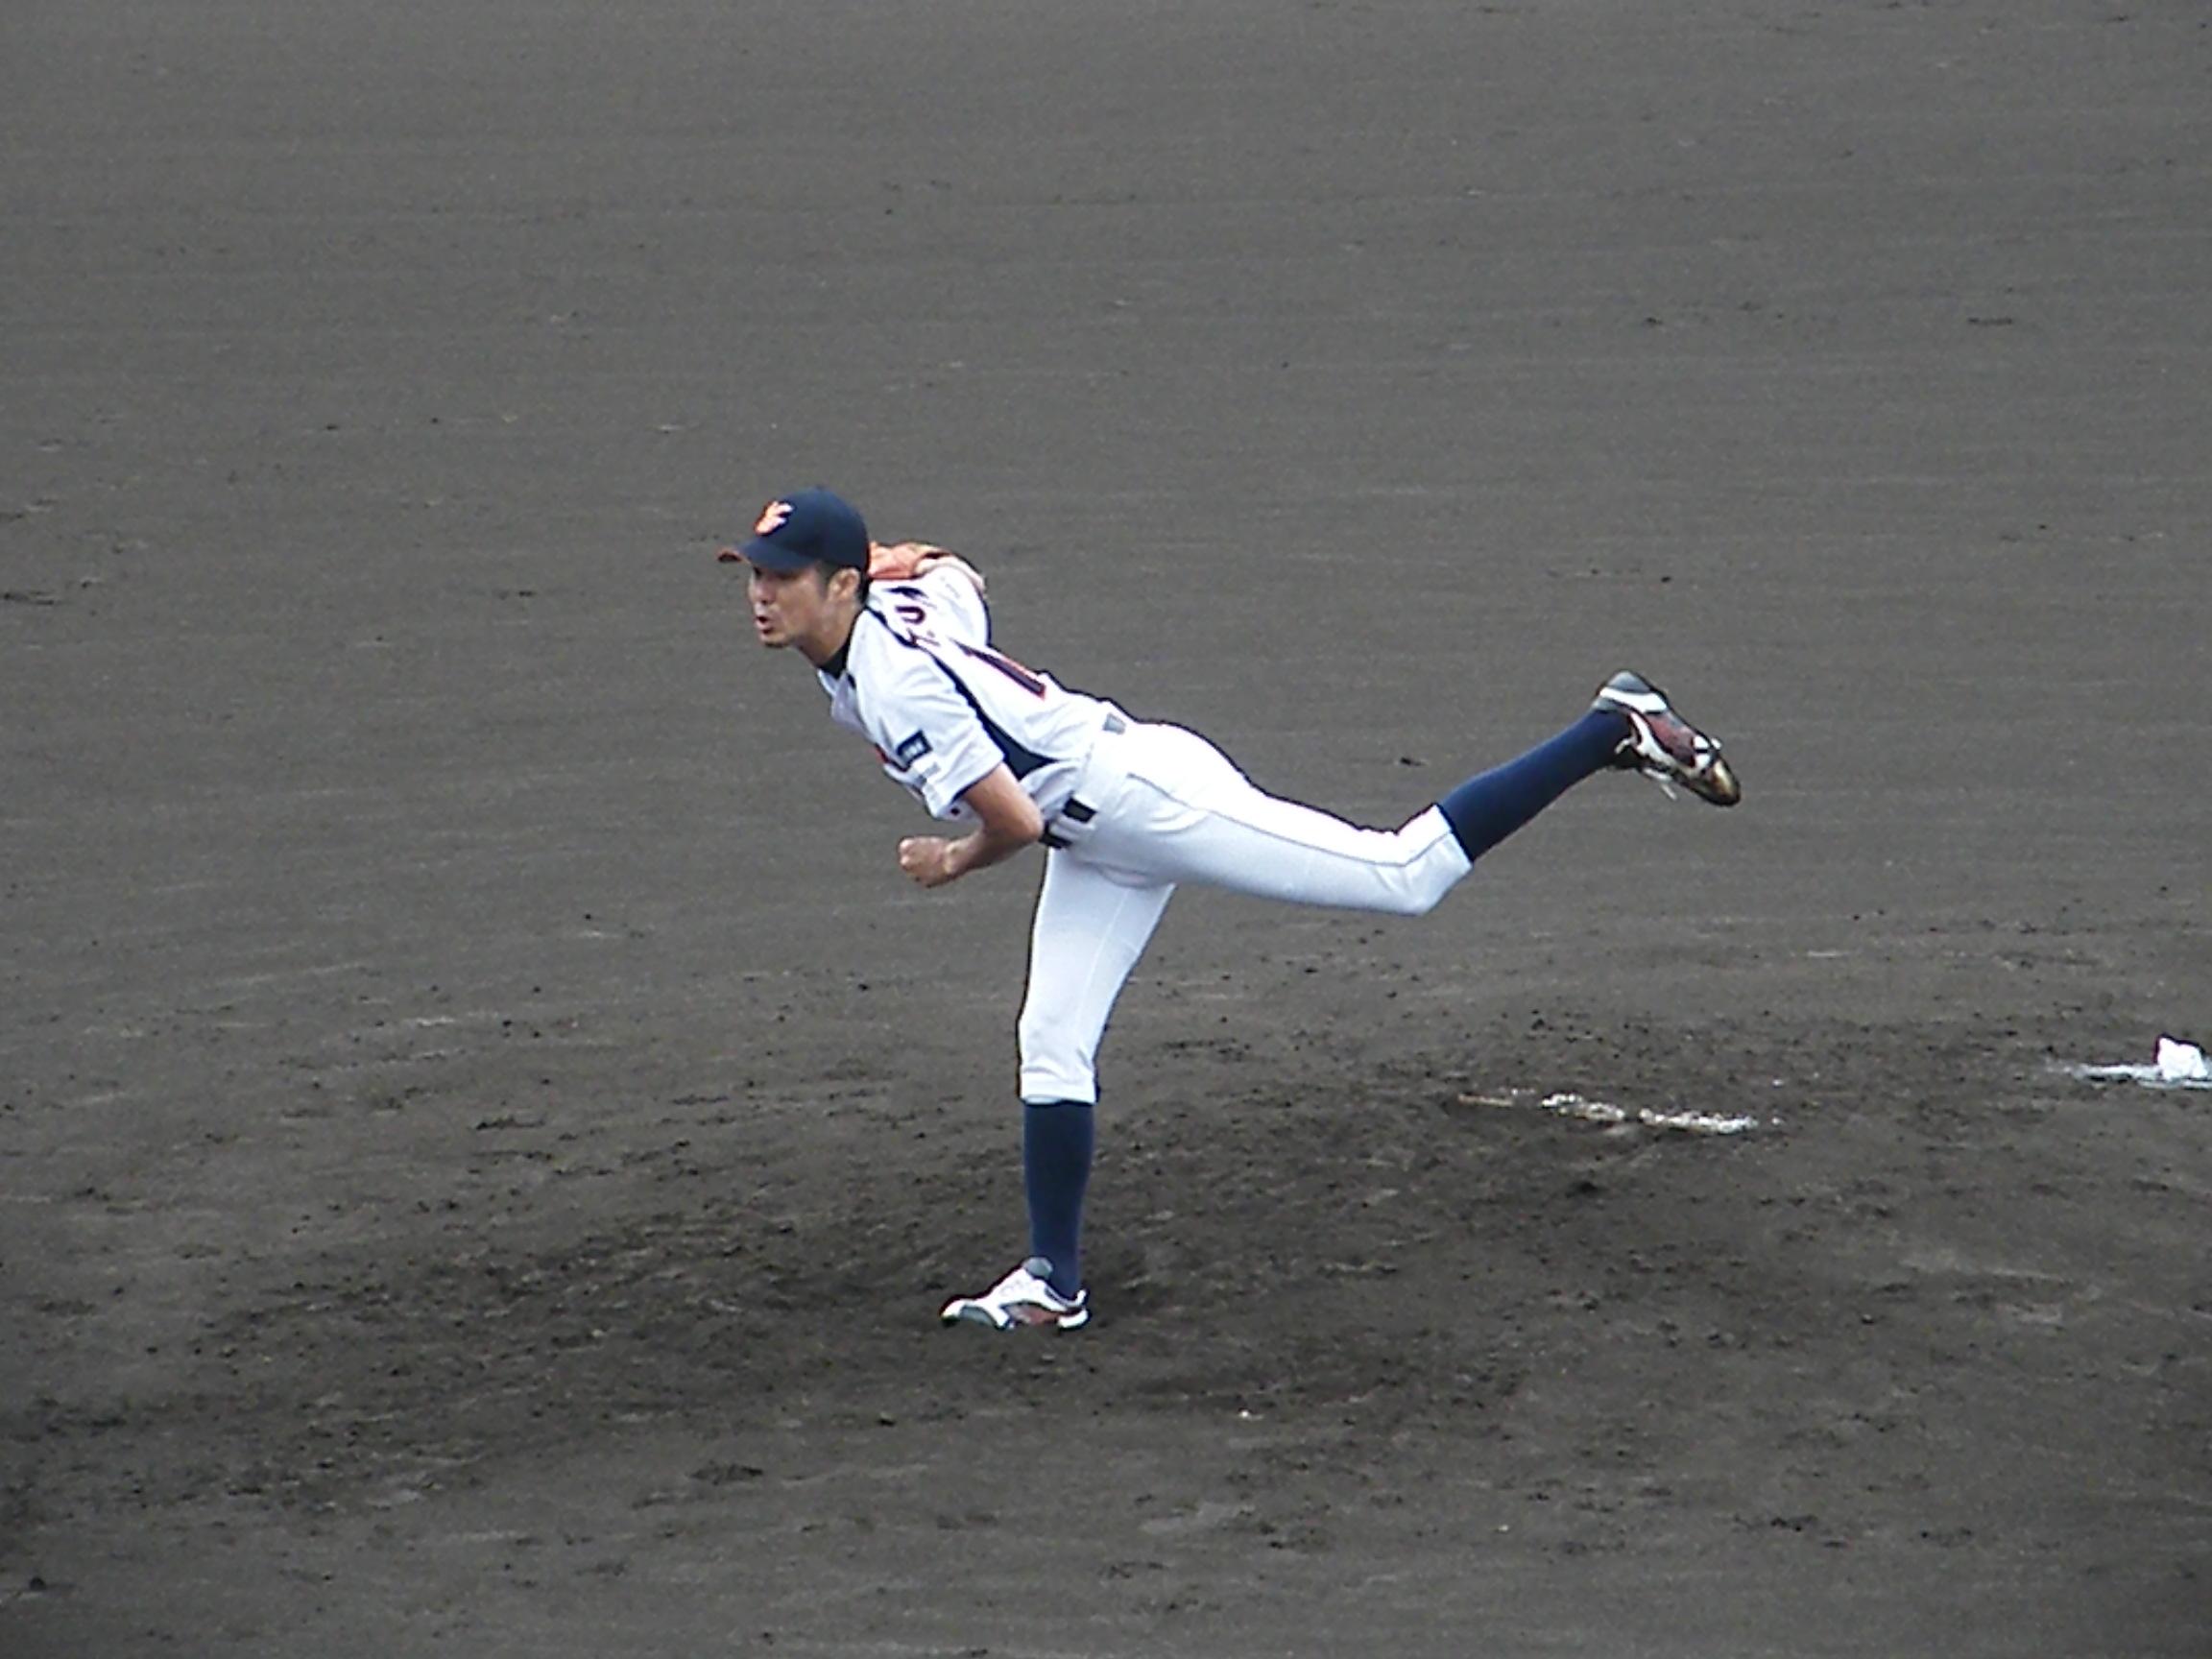 6回まで好投した#14 藤井 祐 投手